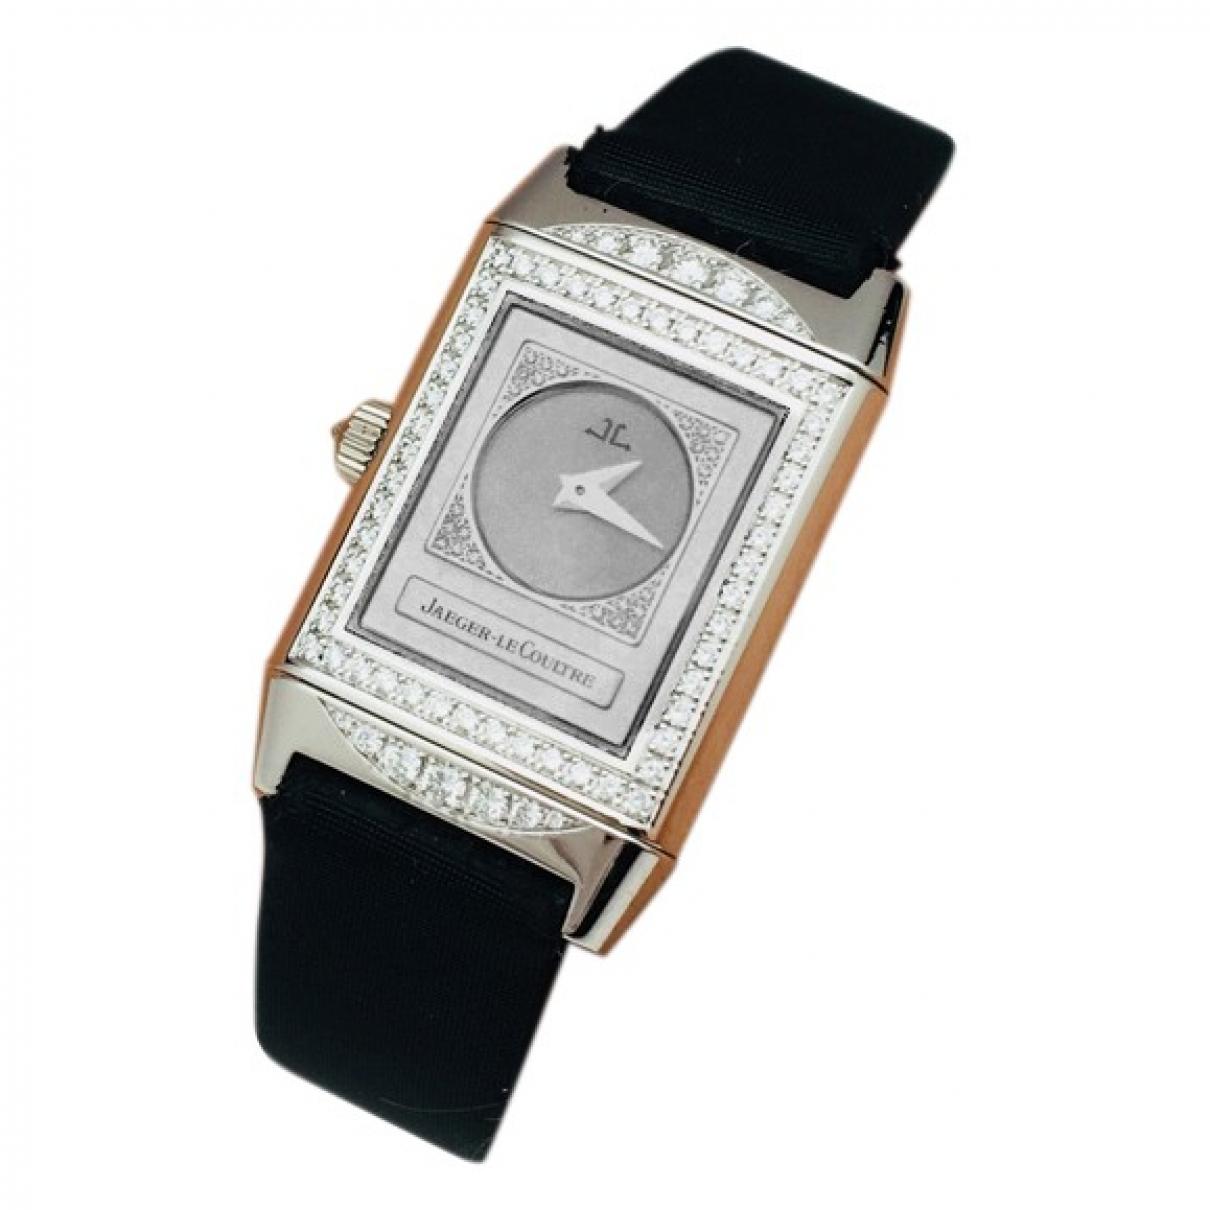 Jaeger-lecoultre - Montre Reverso Duetto pour femme en or blanc - noir